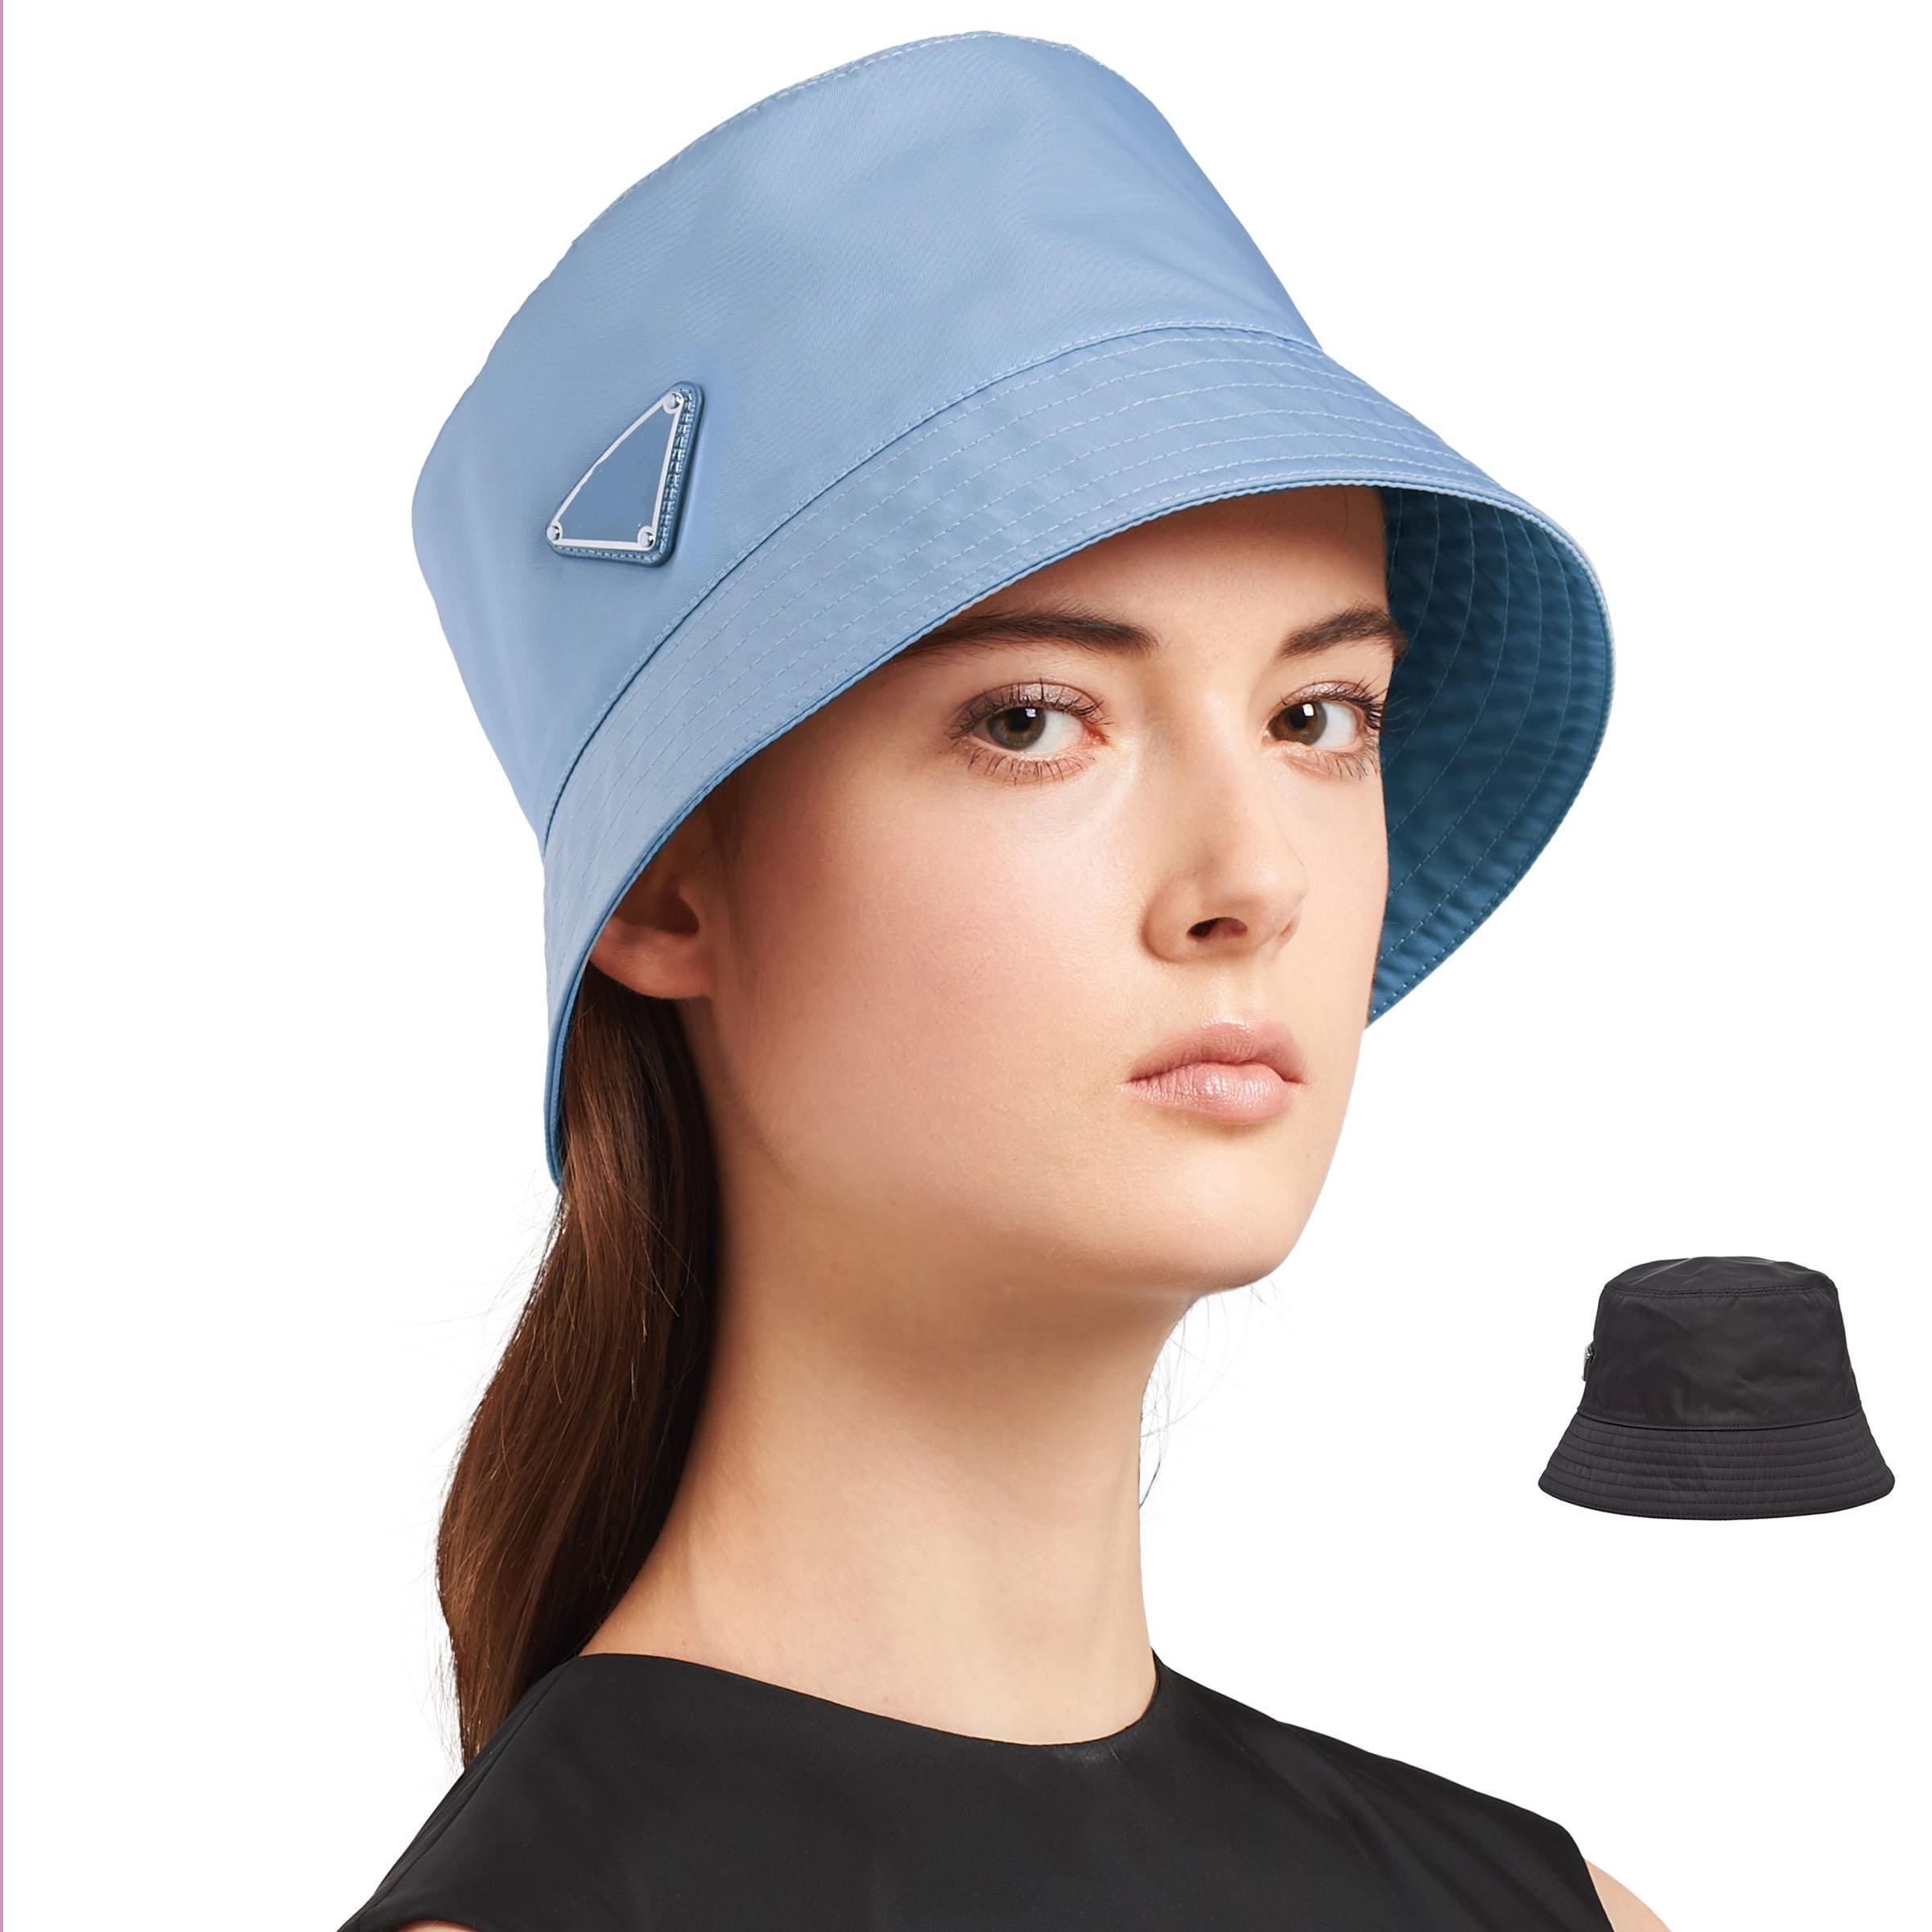 PRA دا دلو مصمم قبعة صالح الرجال والنساء كاب أزياء الكلاسيكية قبعات ماركة القبعات 20ss الخريف الربيع الصياد بريم الشمس بالجملة